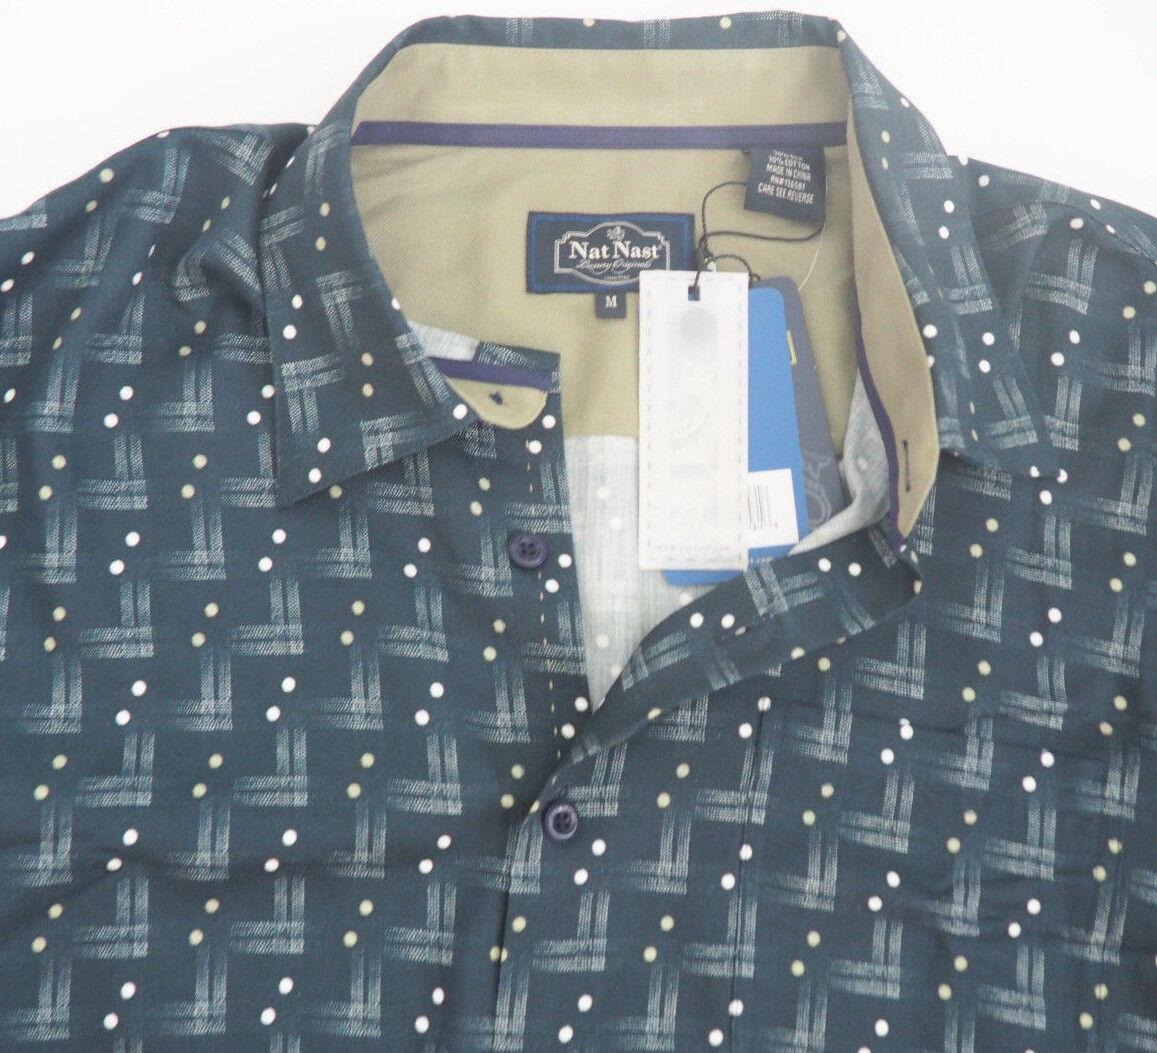 New NAT NAST Navy bluee & Khaki Silk   Cotton Short Sleeve Shirt - Sz M